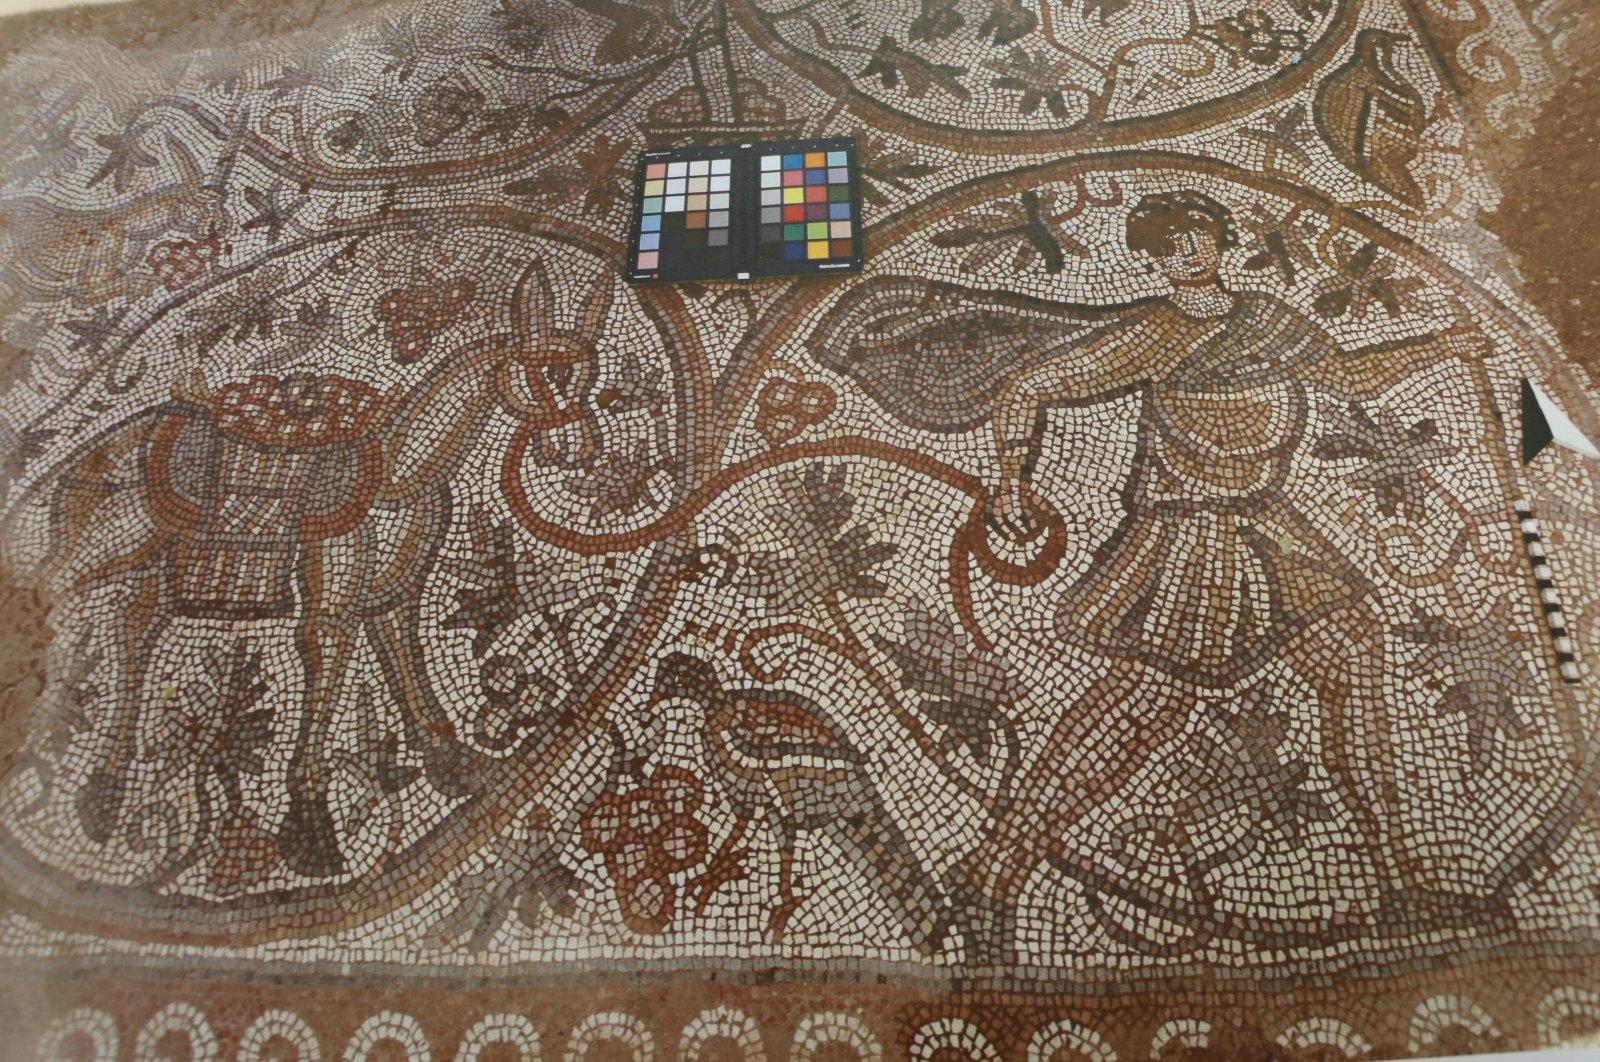 В Турции возродили античную мозаику с сюжетом о сборе винограда